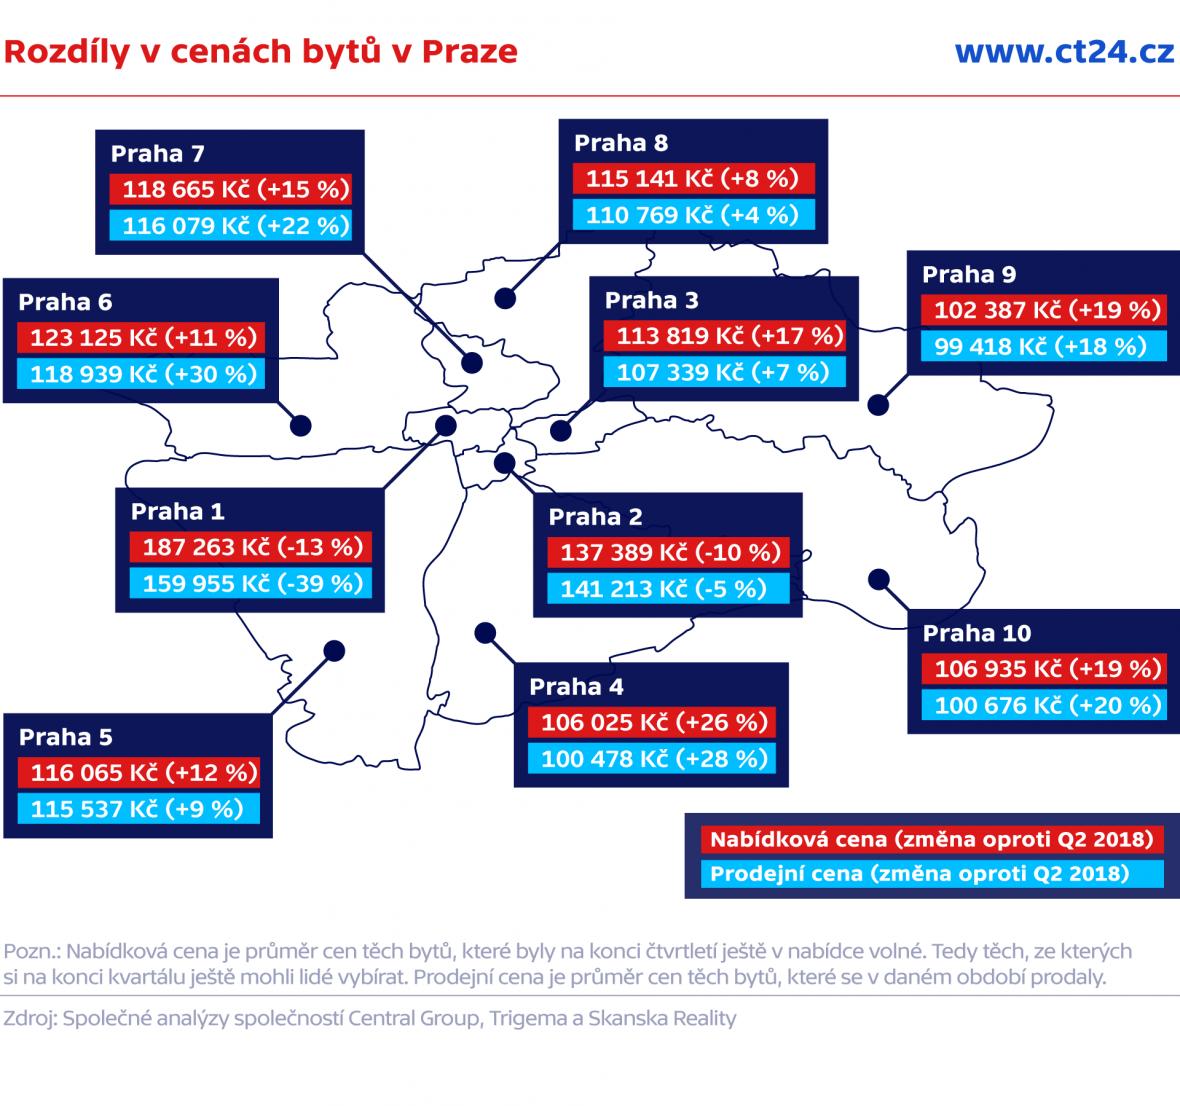 Rozdíly v cenách bytů v Praze